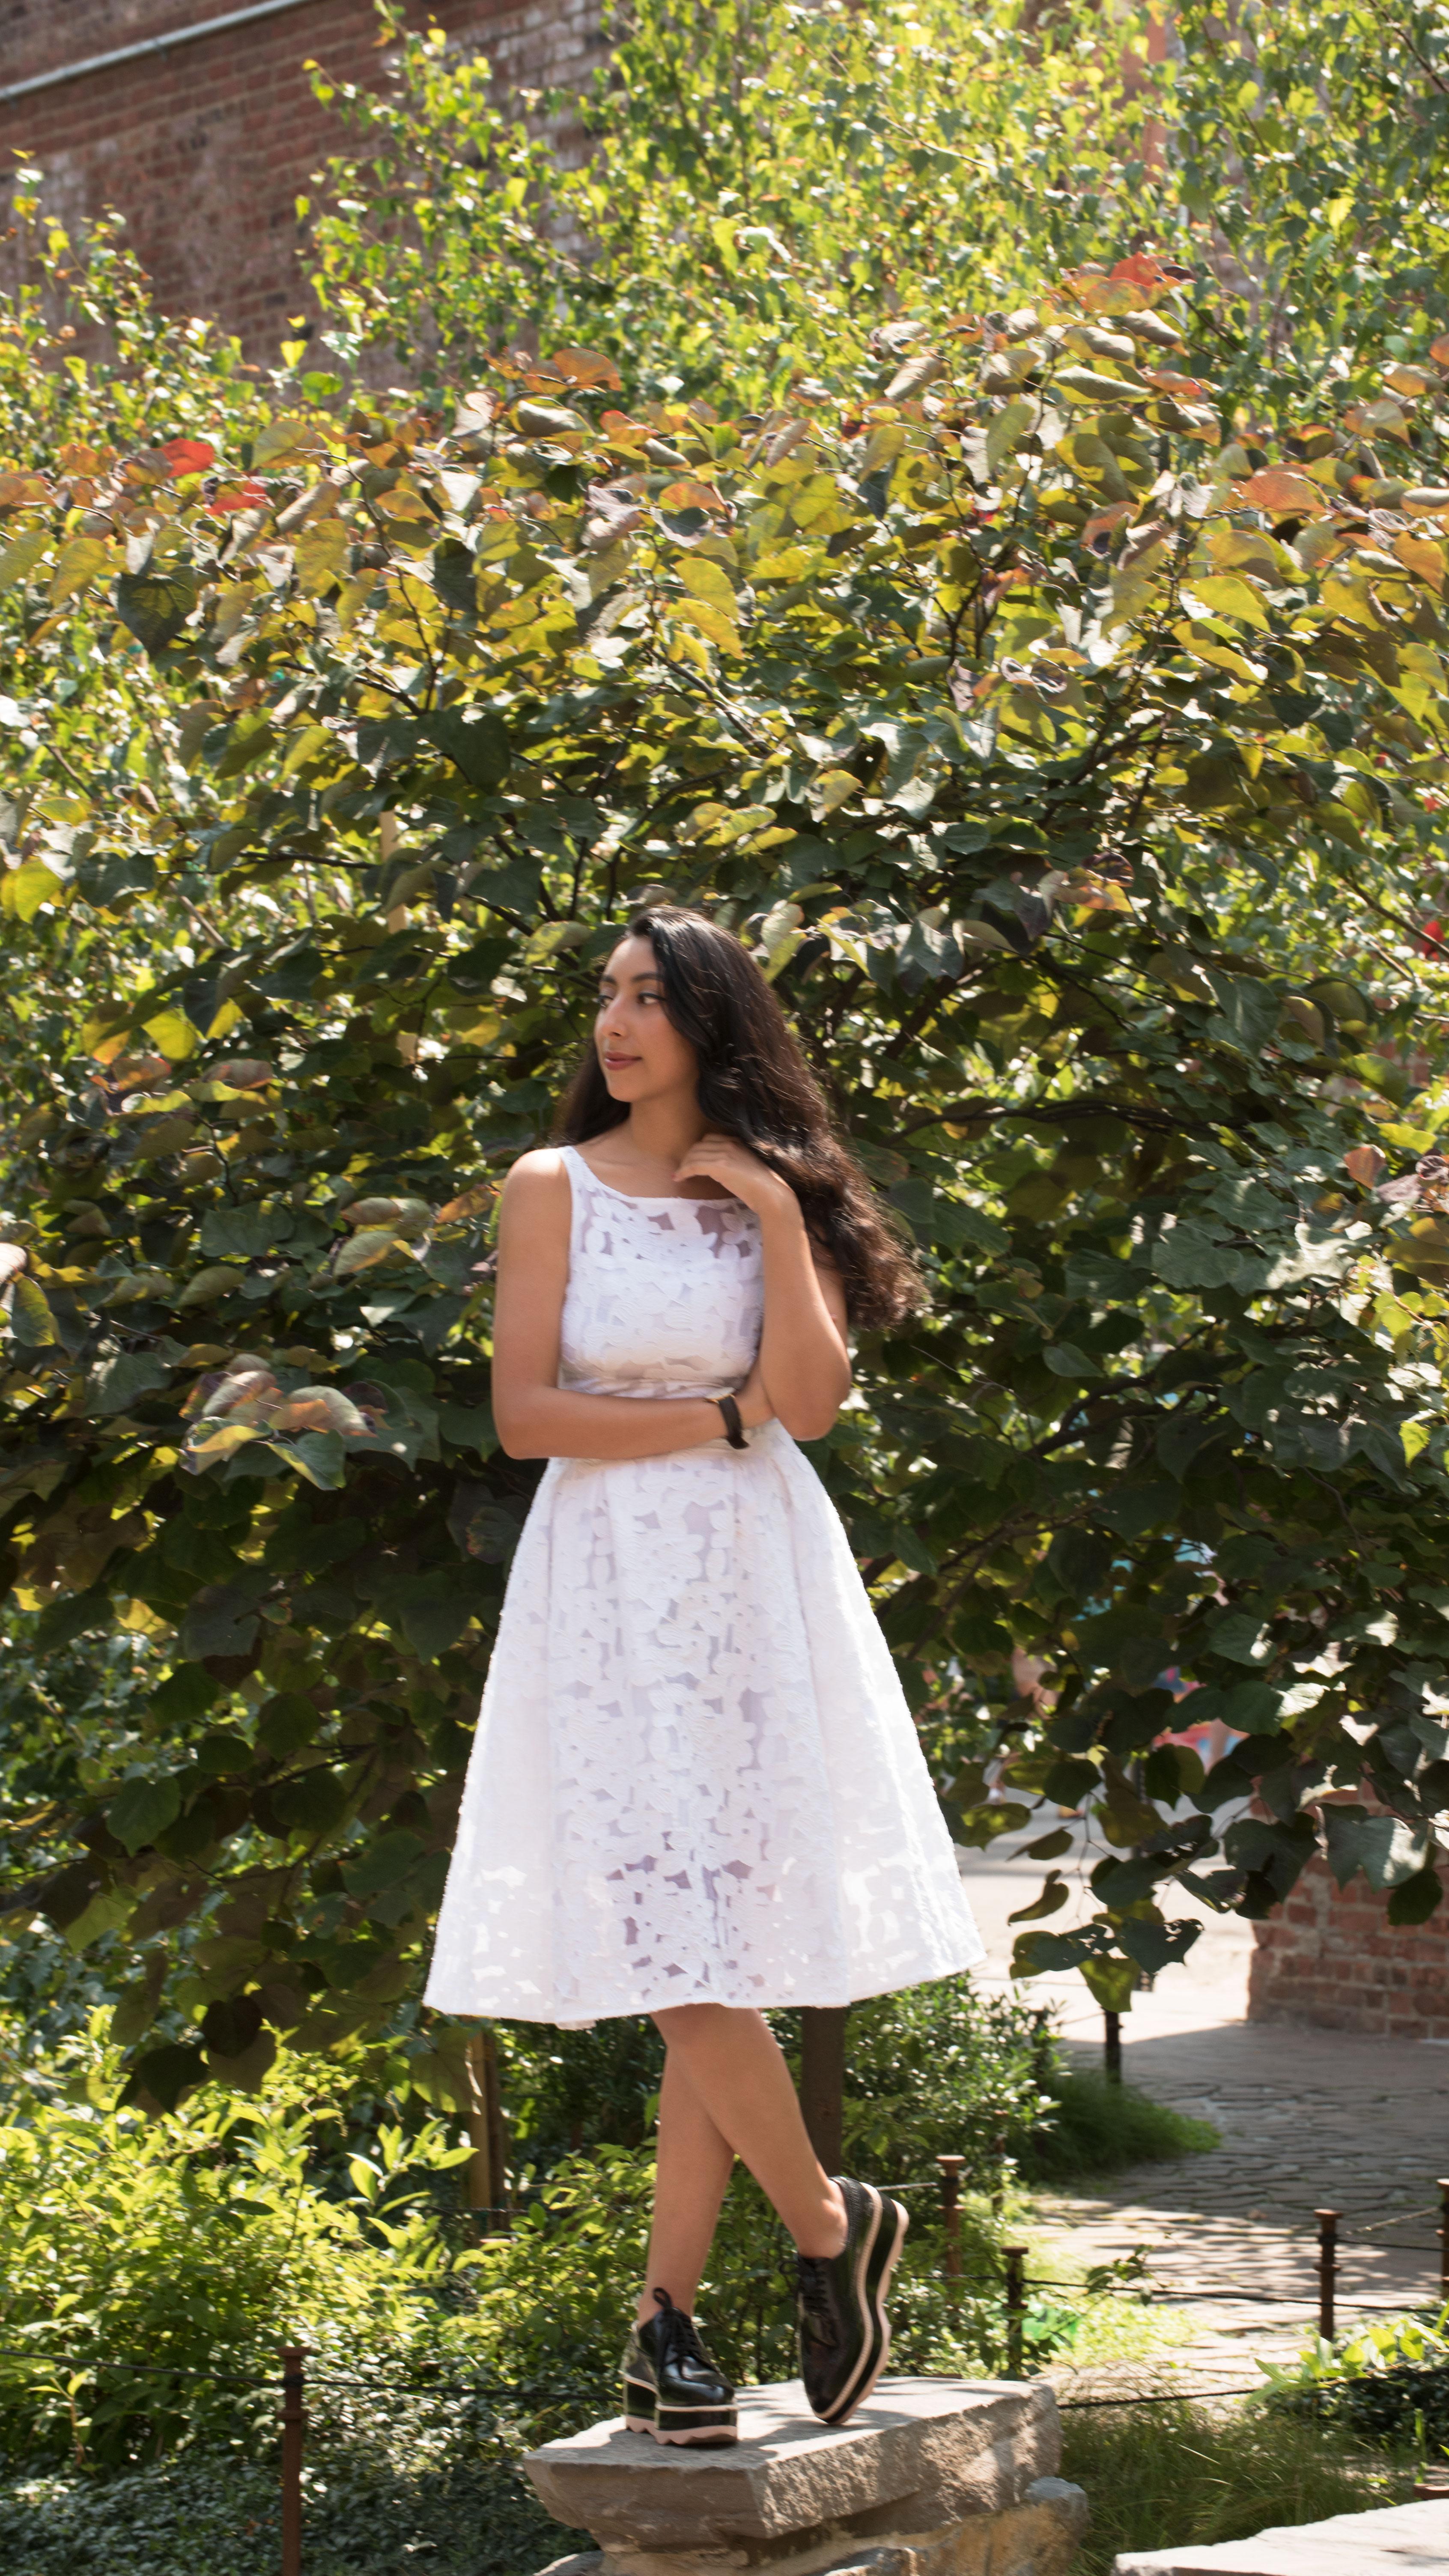 Razan Al Sarraf